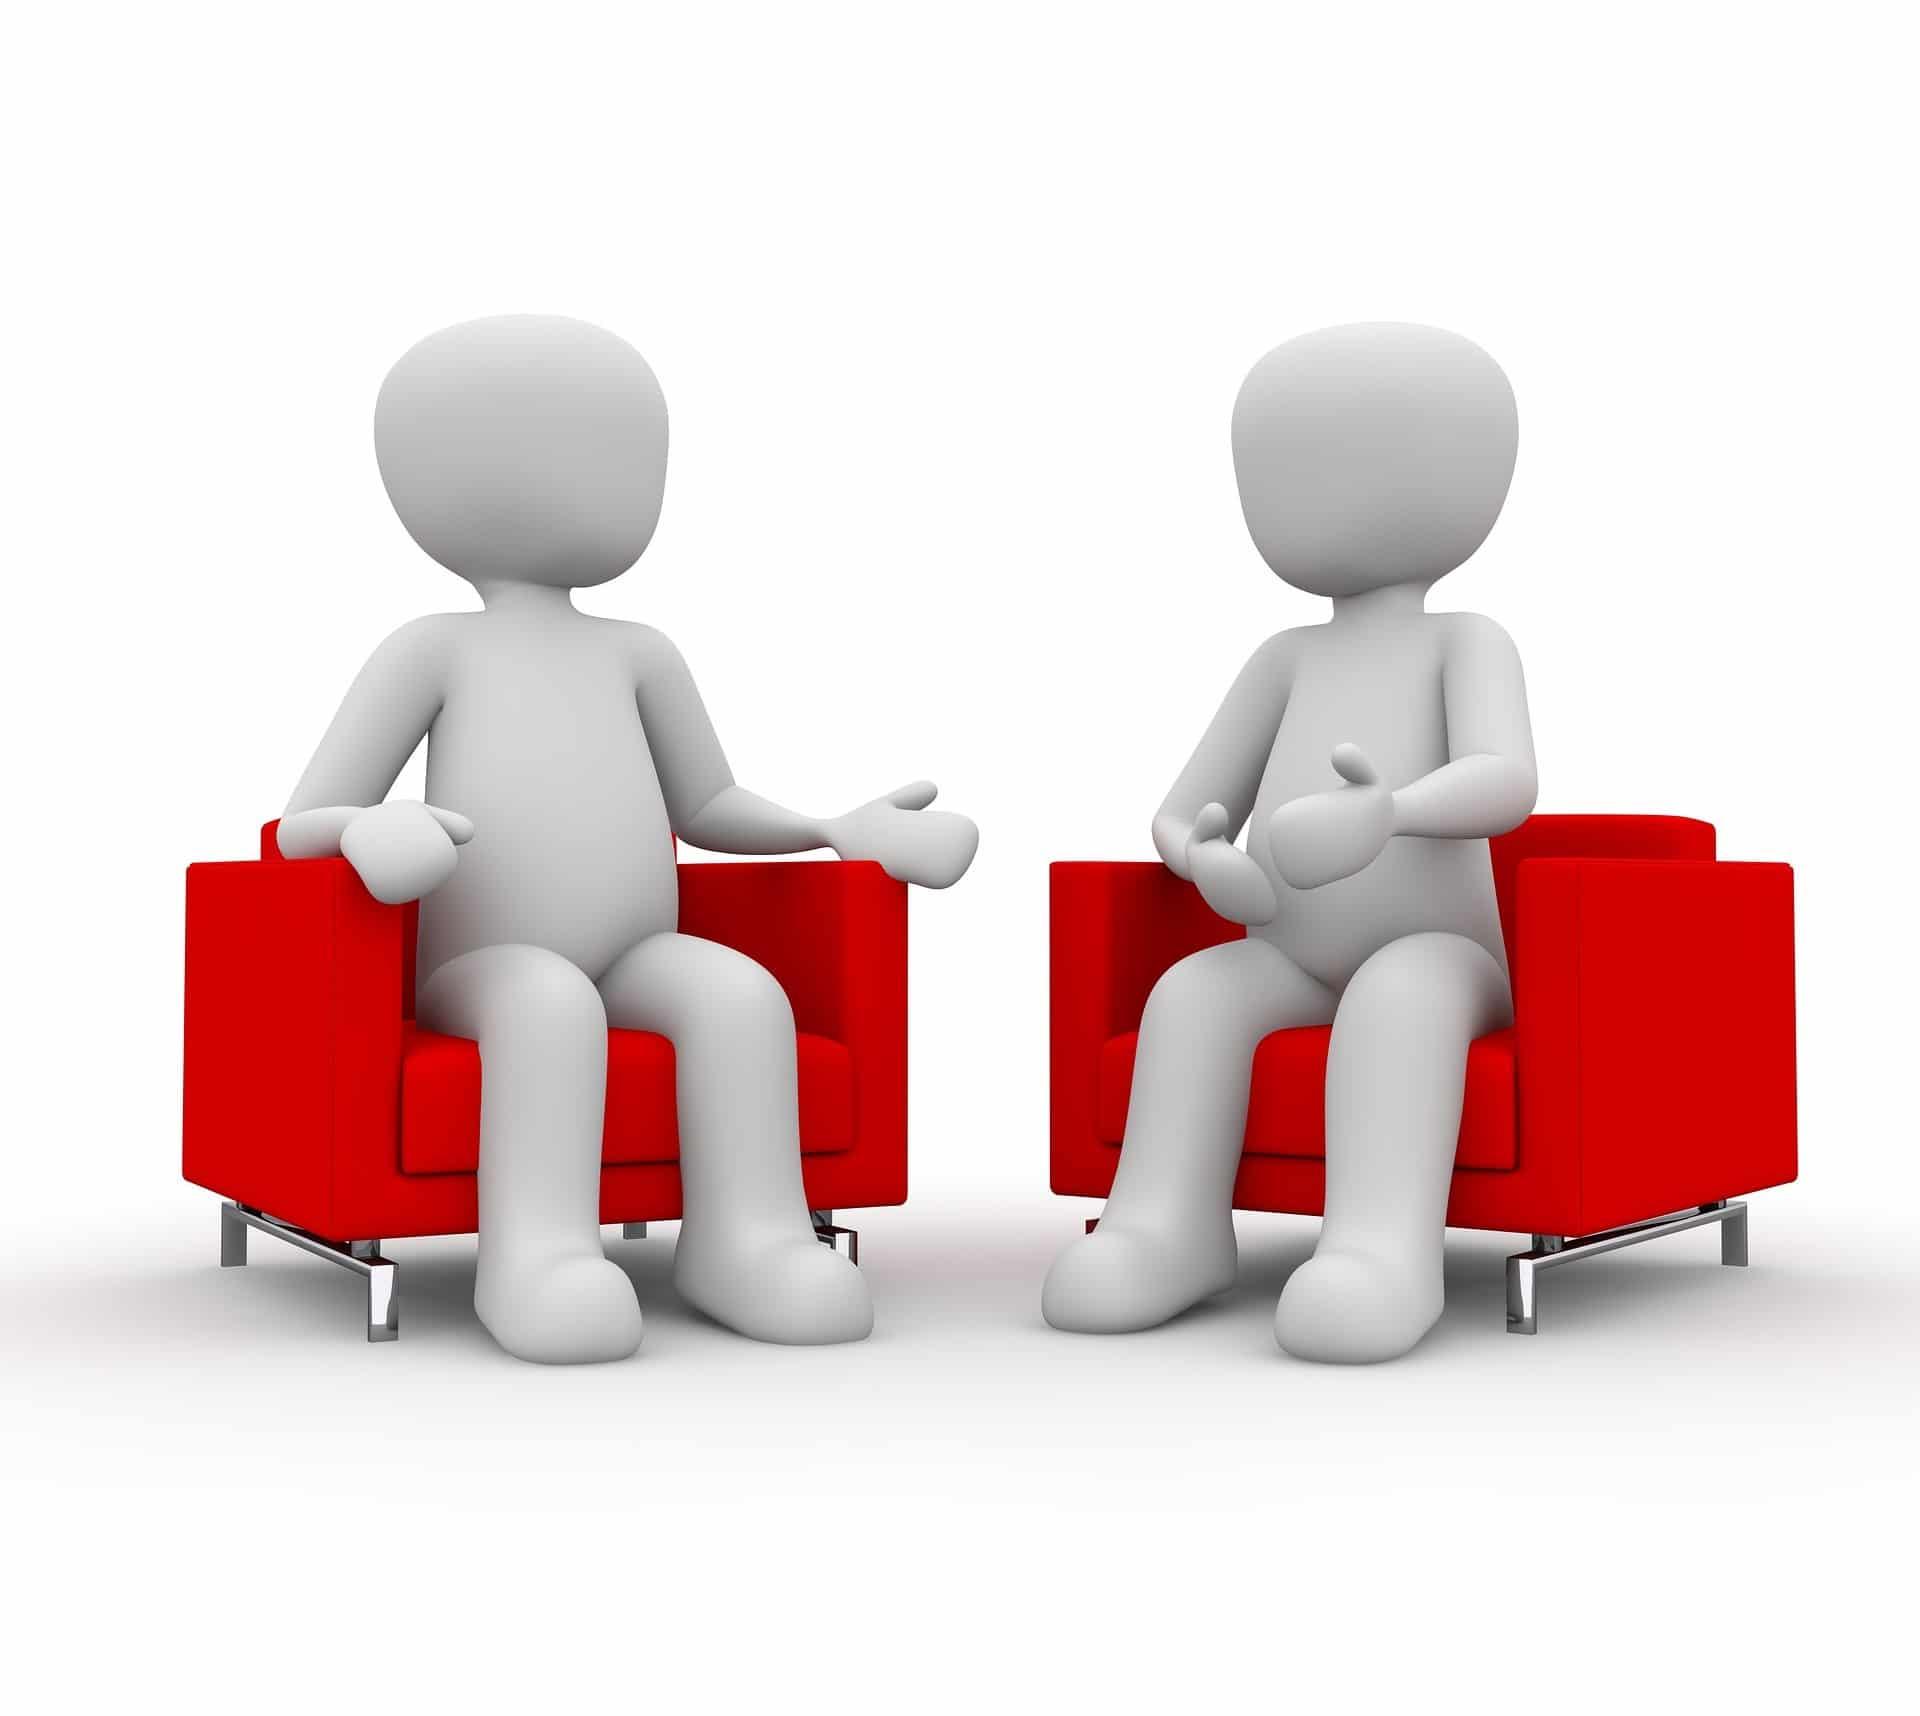 Gespräch zwischen zwei Figuren auf Sesseln